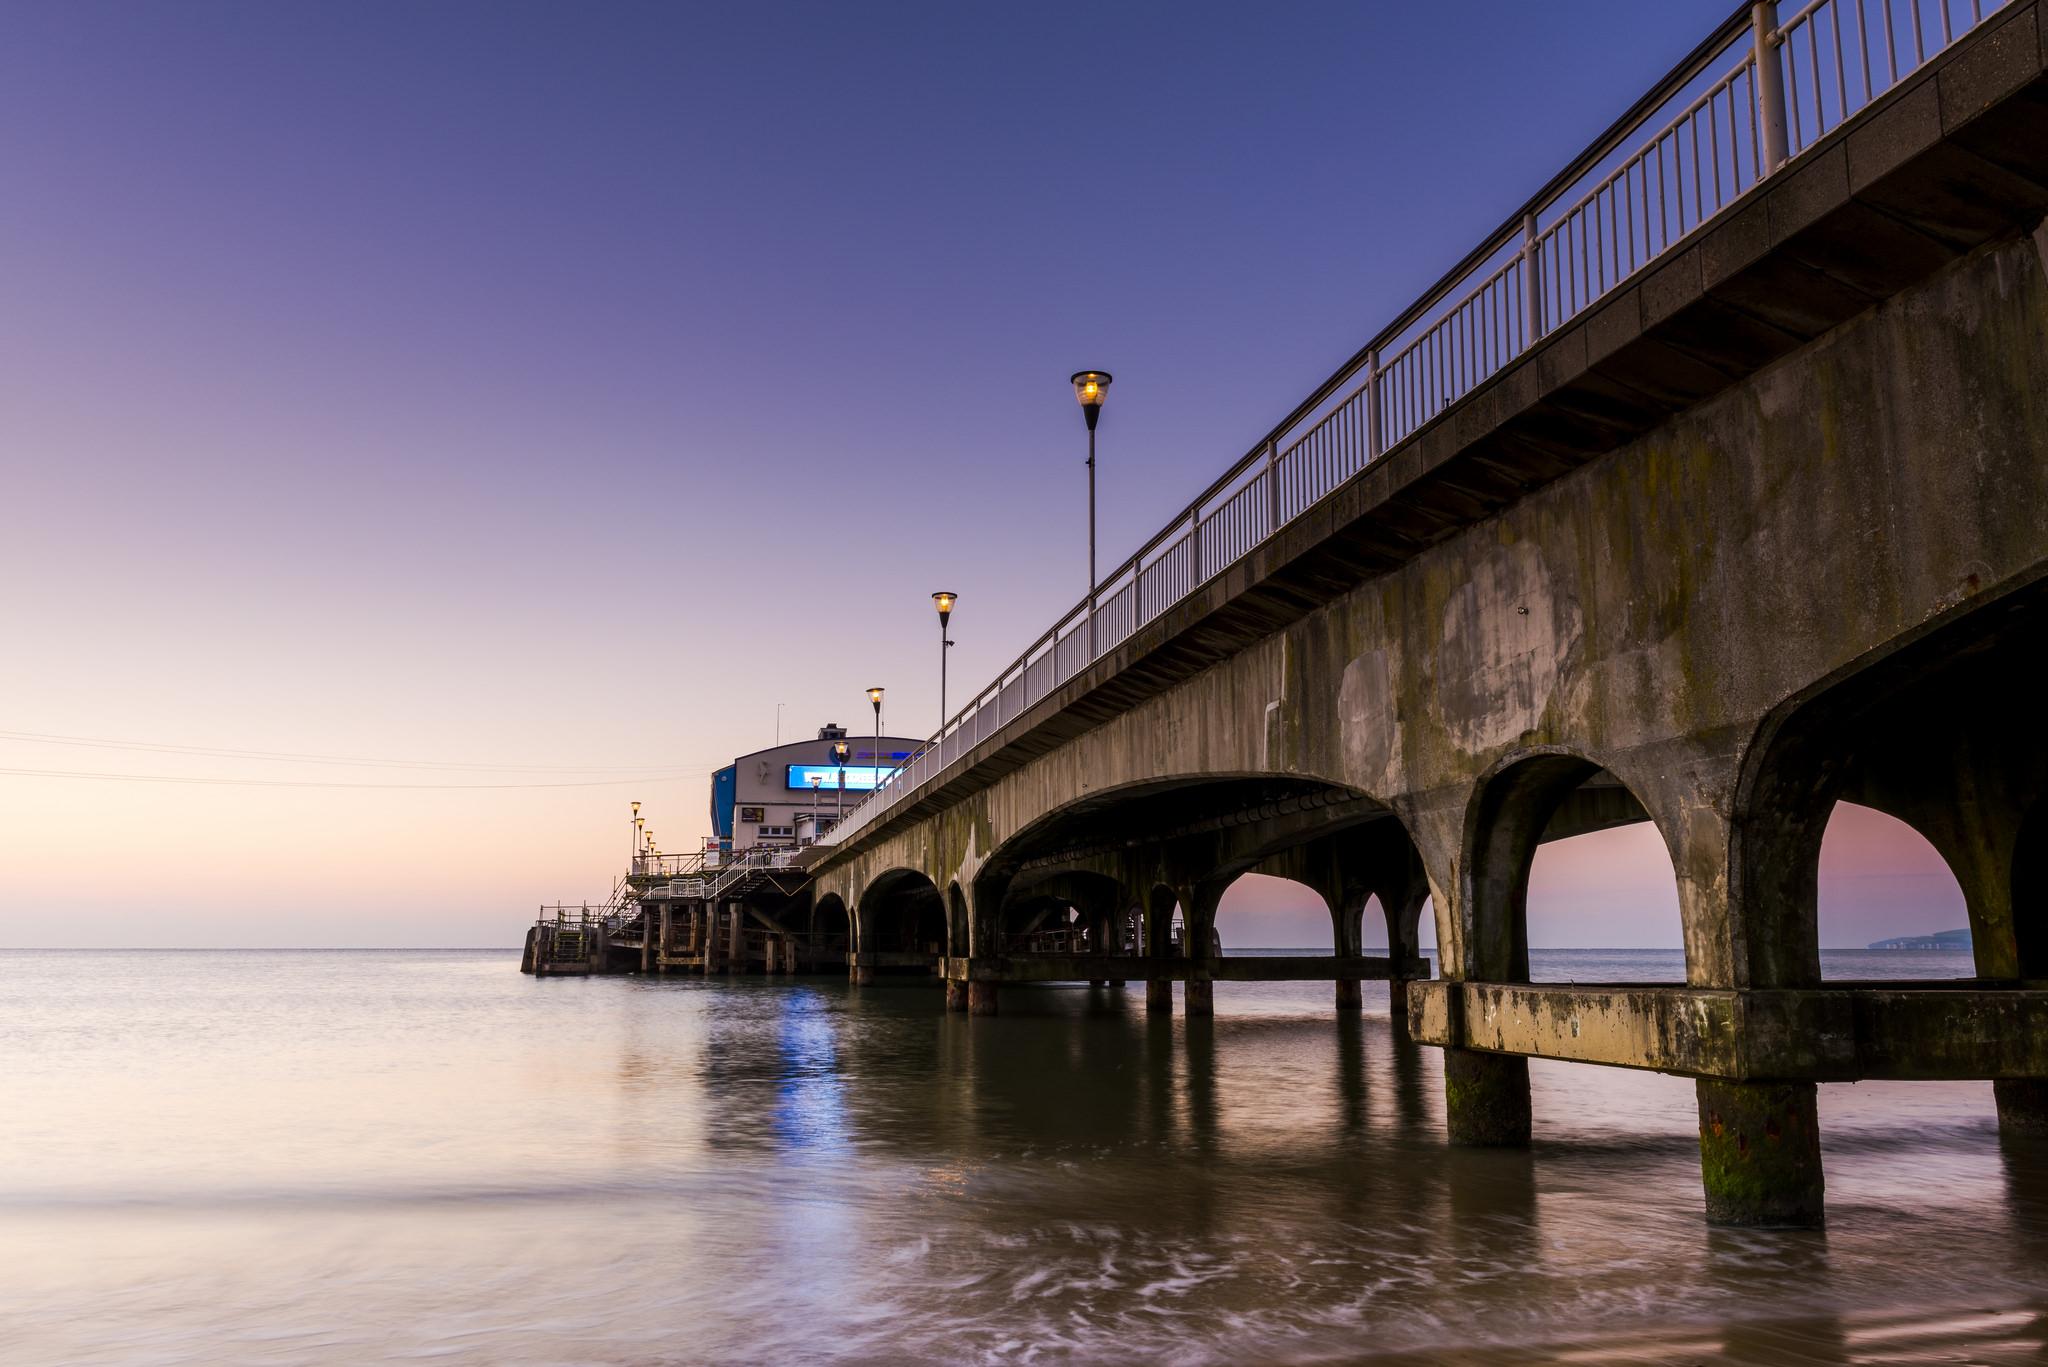 Un puente en el mar - 2048x1367